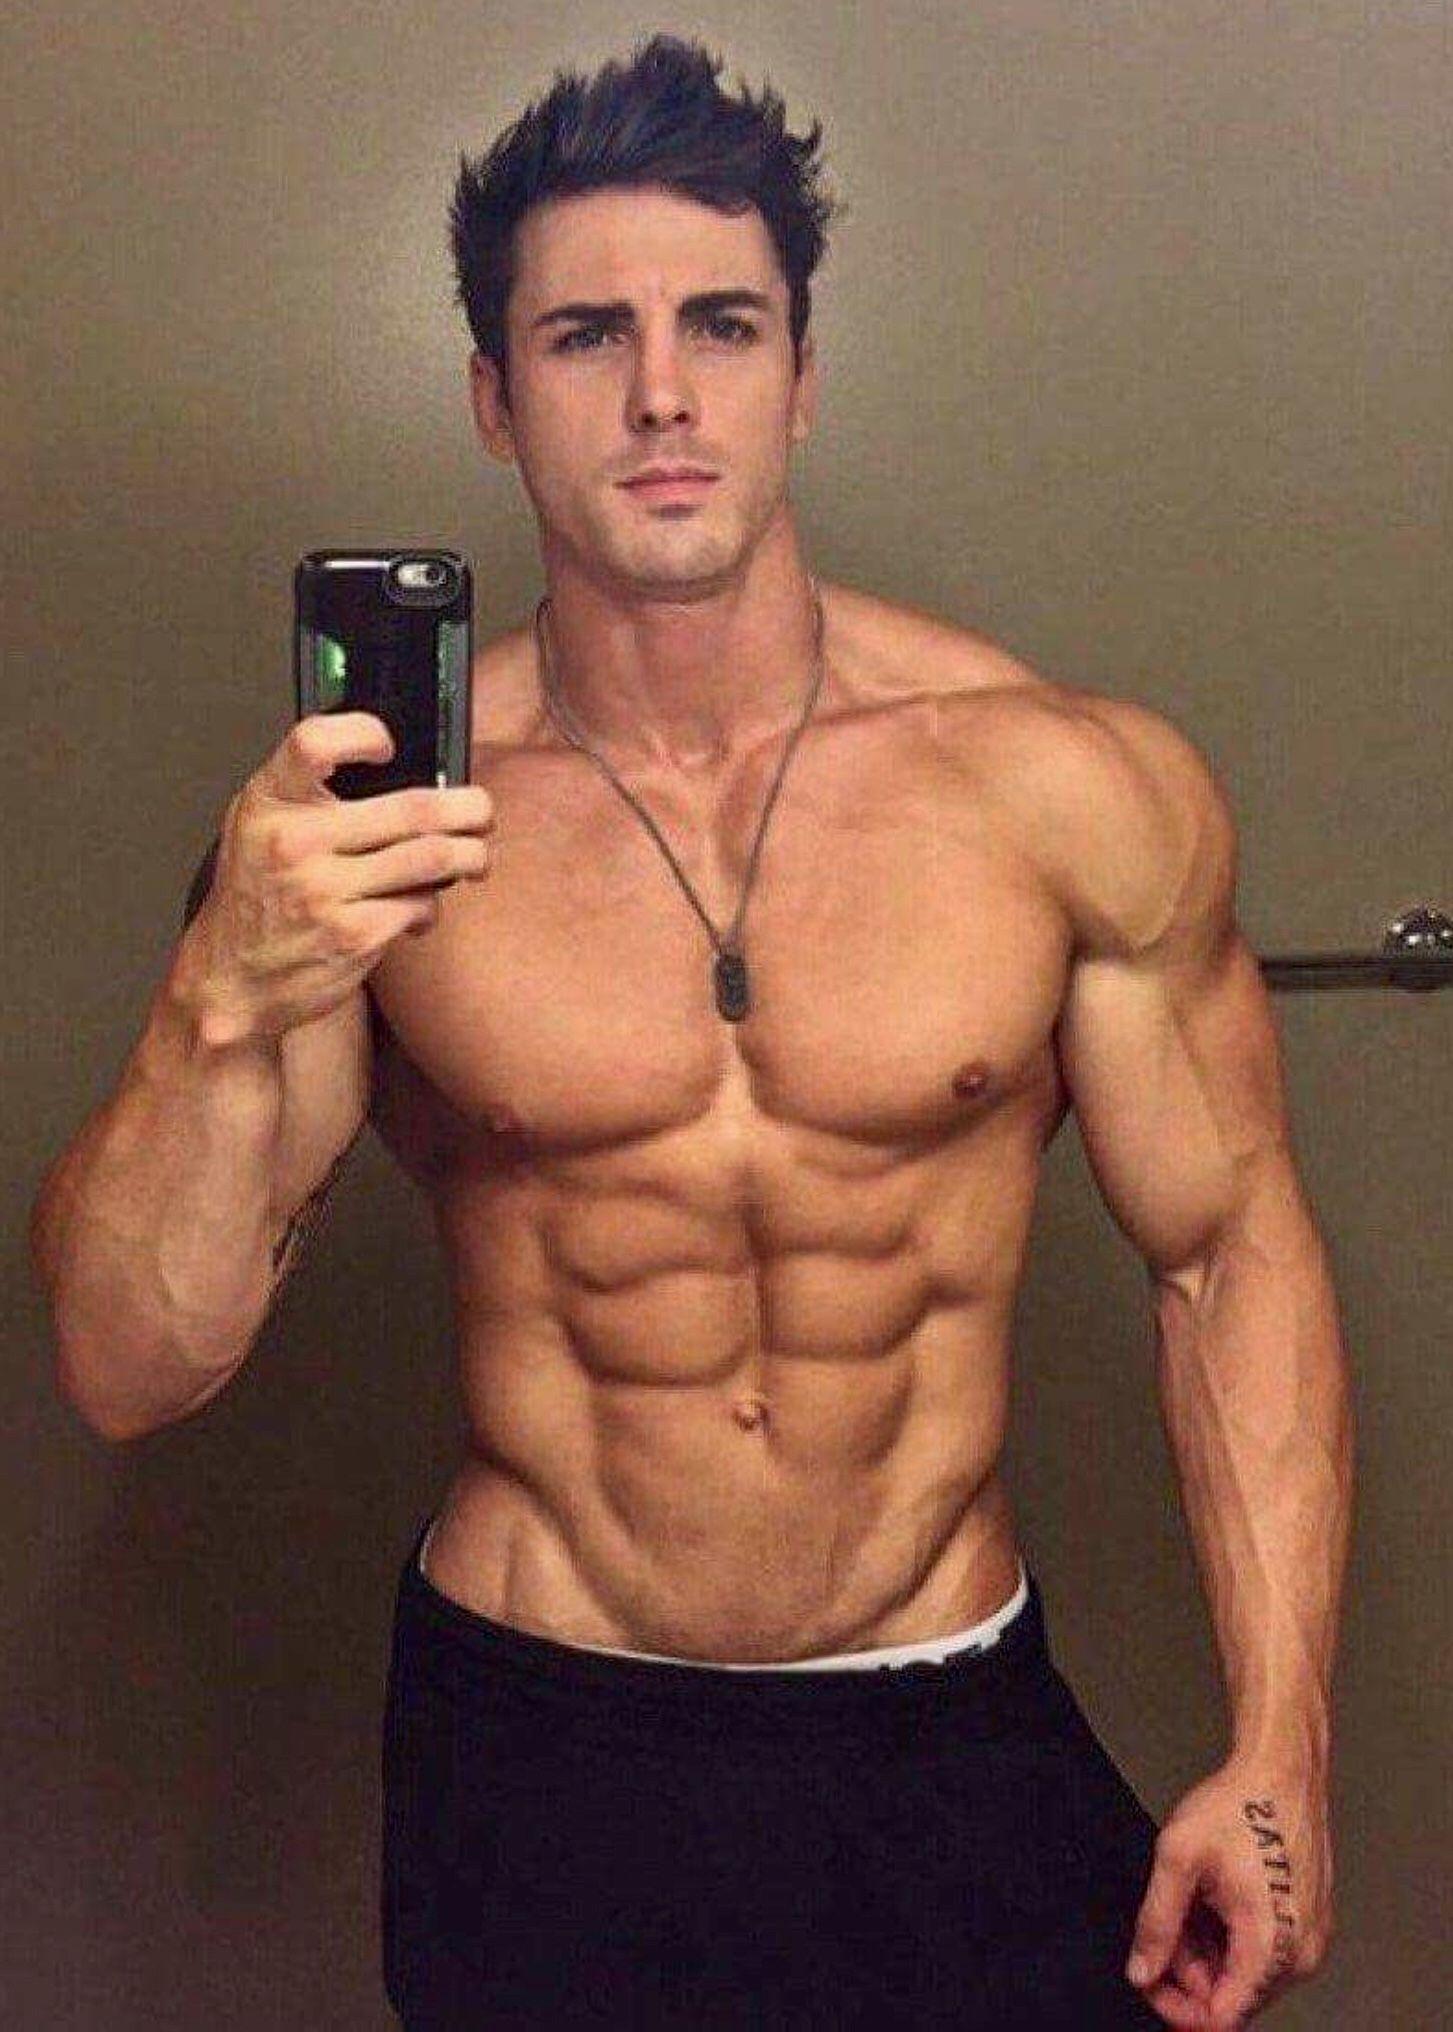 Γυμναστήριο bodybuilding dating